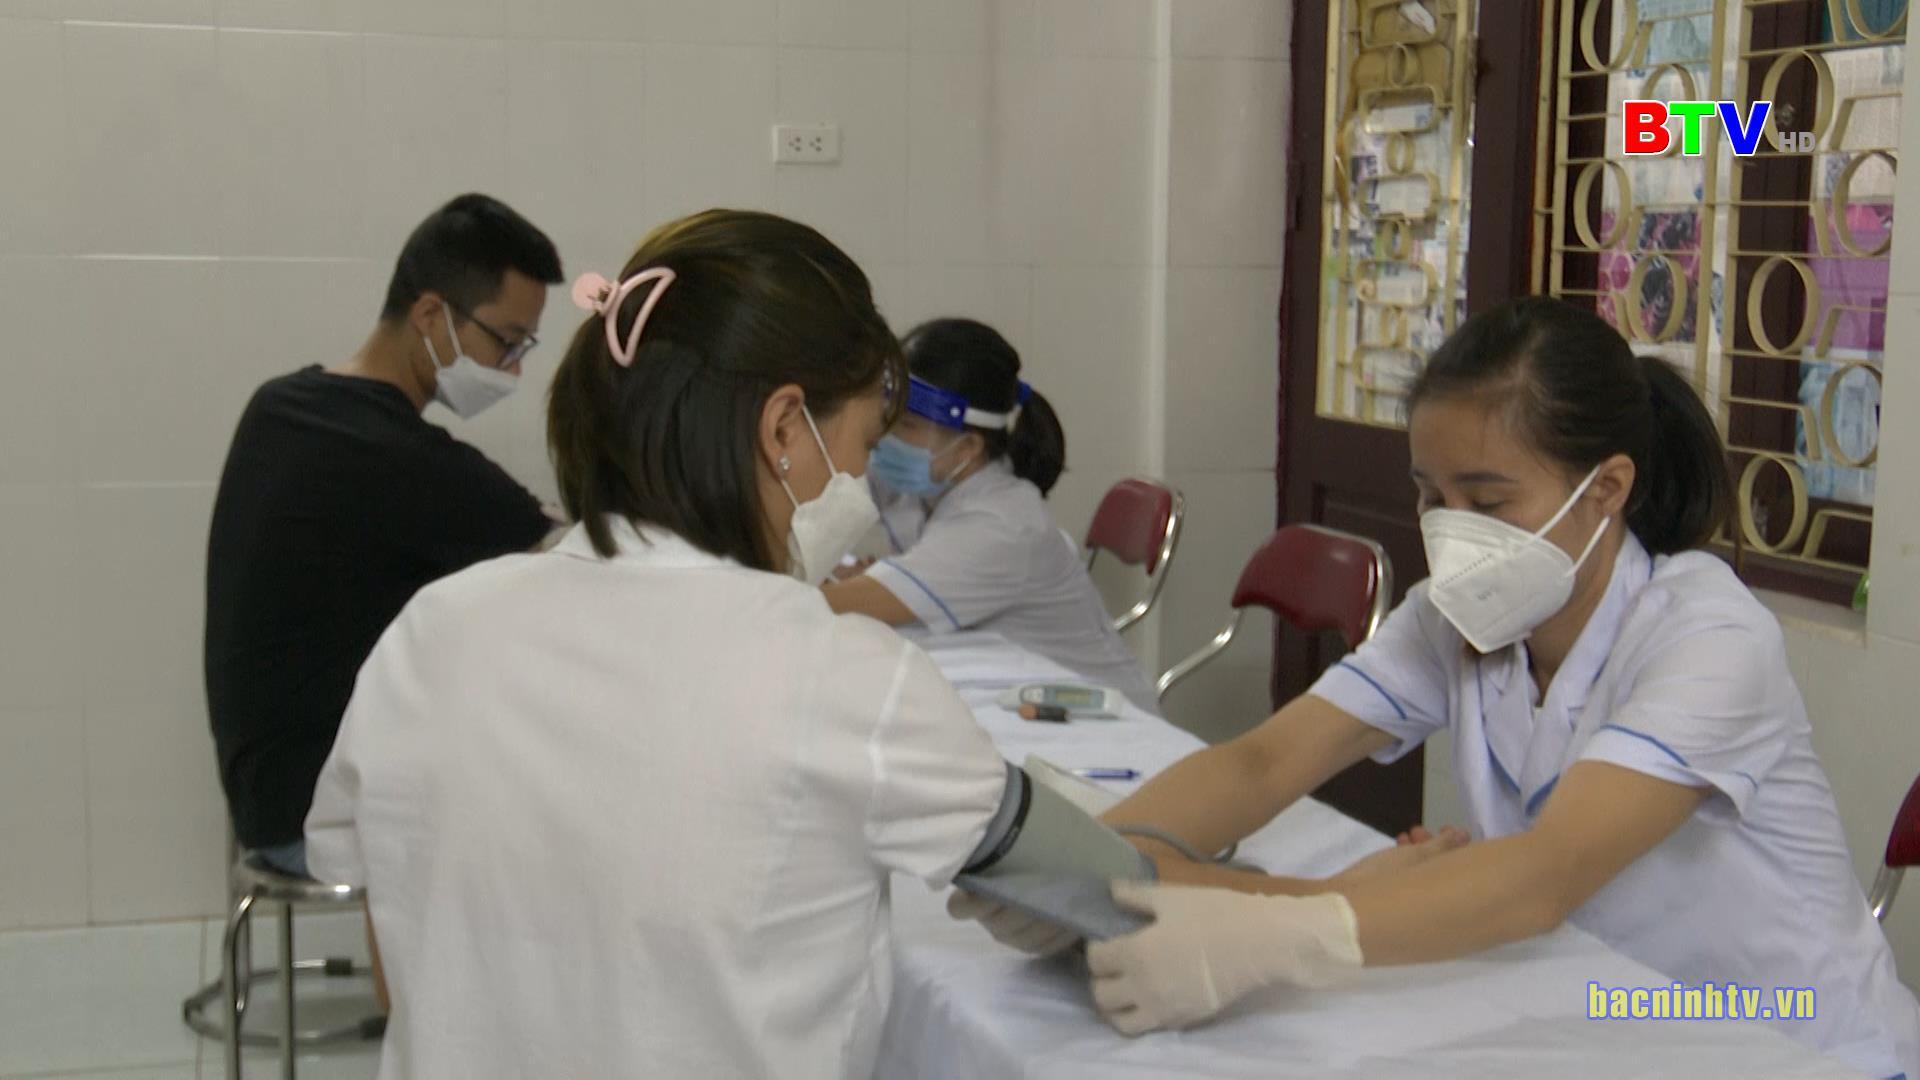 Triển khai tiêm vắc xin phòng Covid-19 Vero Cell của hãng Sinopharm